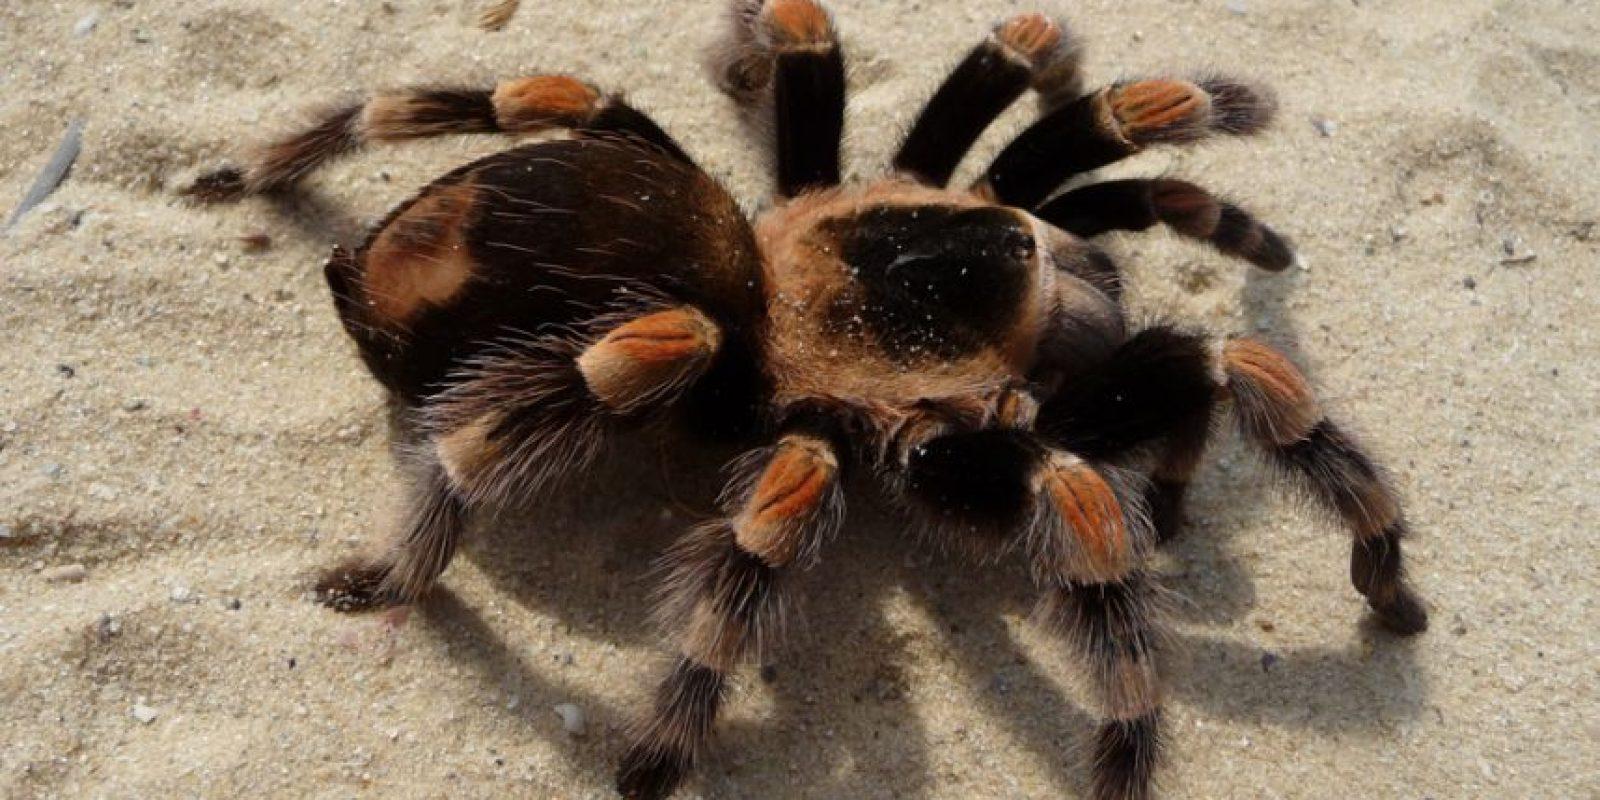 La aracnofobia es el miedo irracional a las arañas. Foto:vía Tumblr